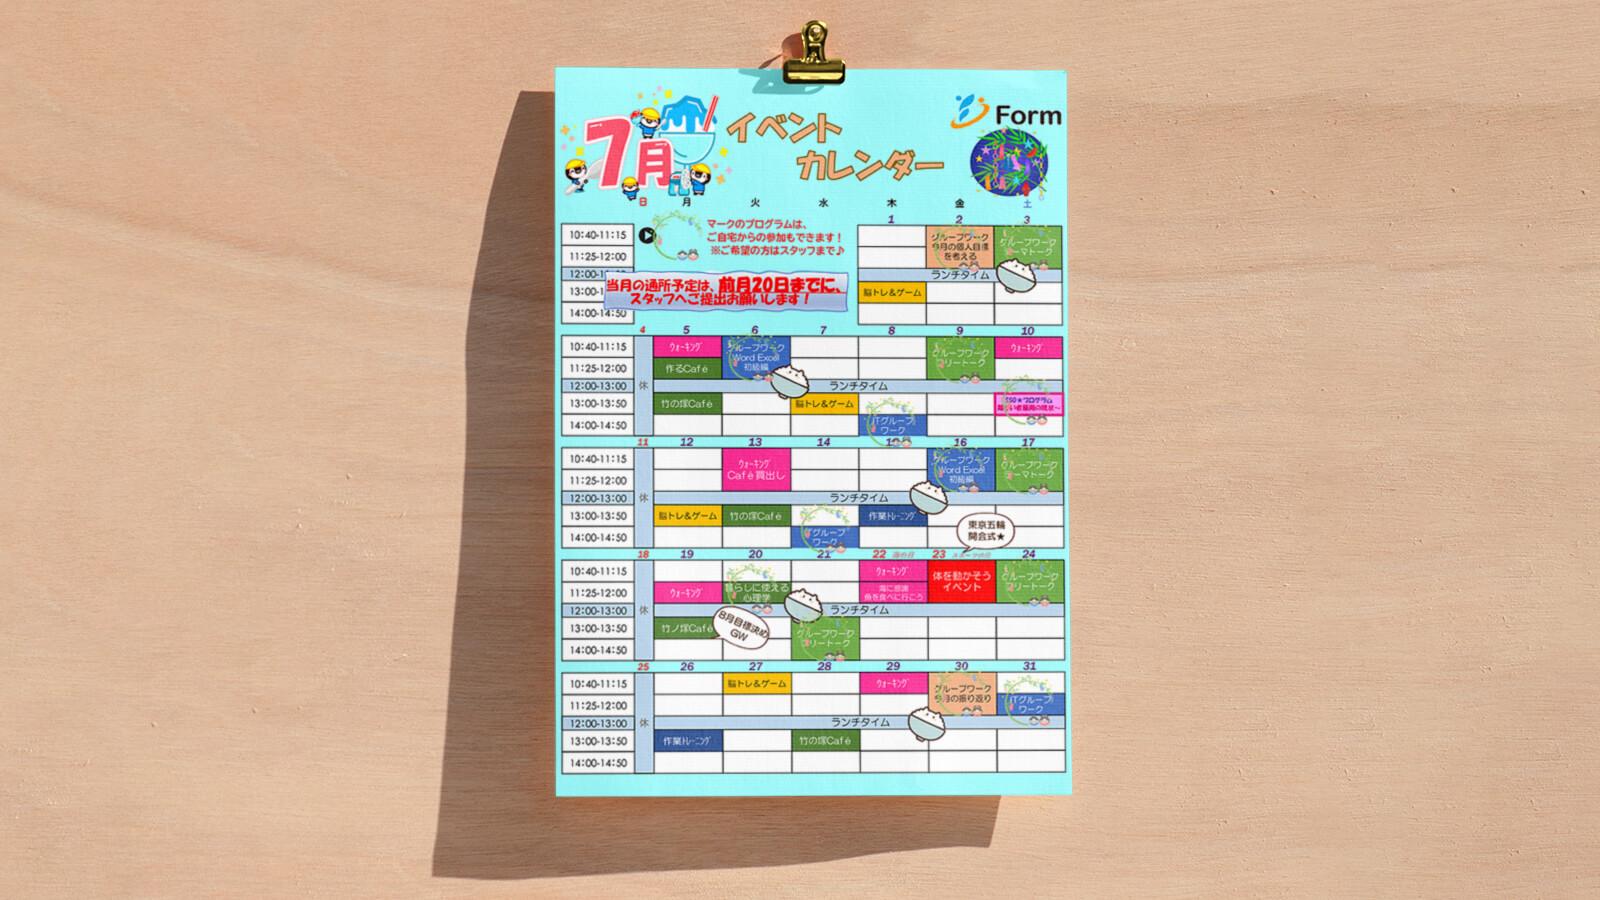 フォーム竹ノ塚2021年7月イベントカレンダー概要画像